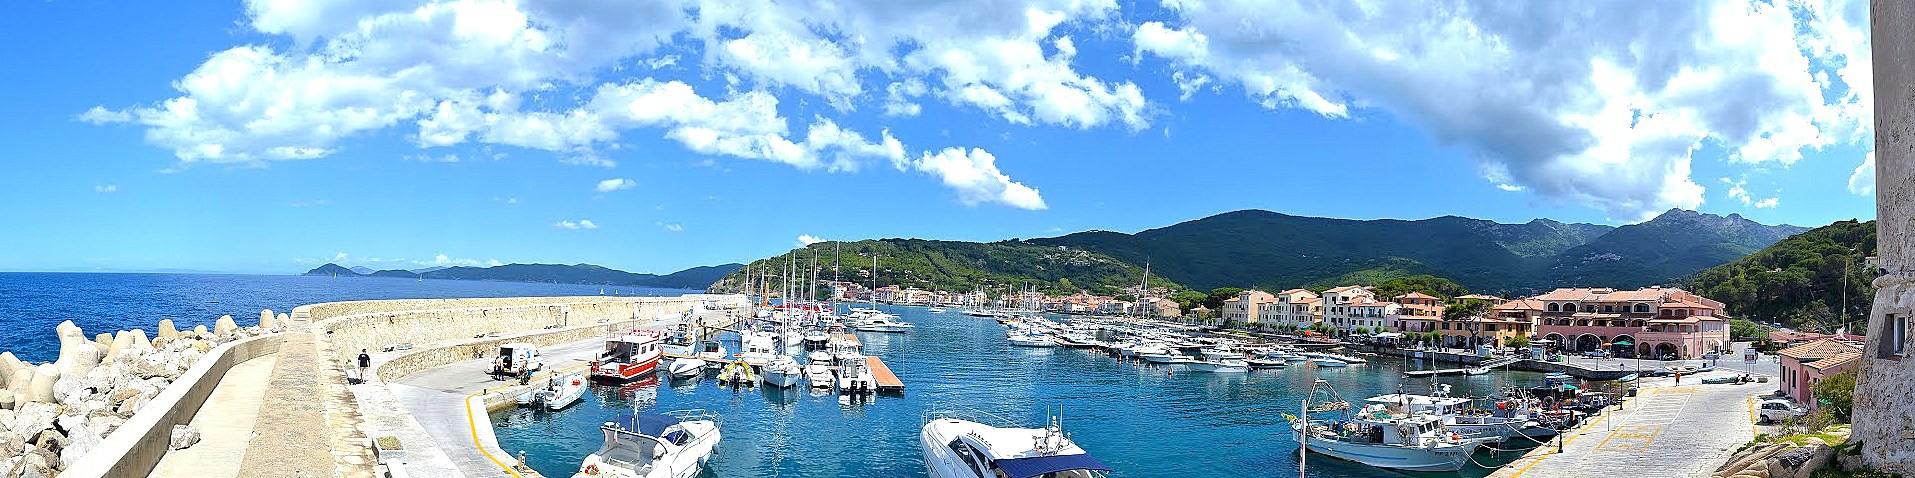 Marciana Marina, zátoka městečka s přístavem